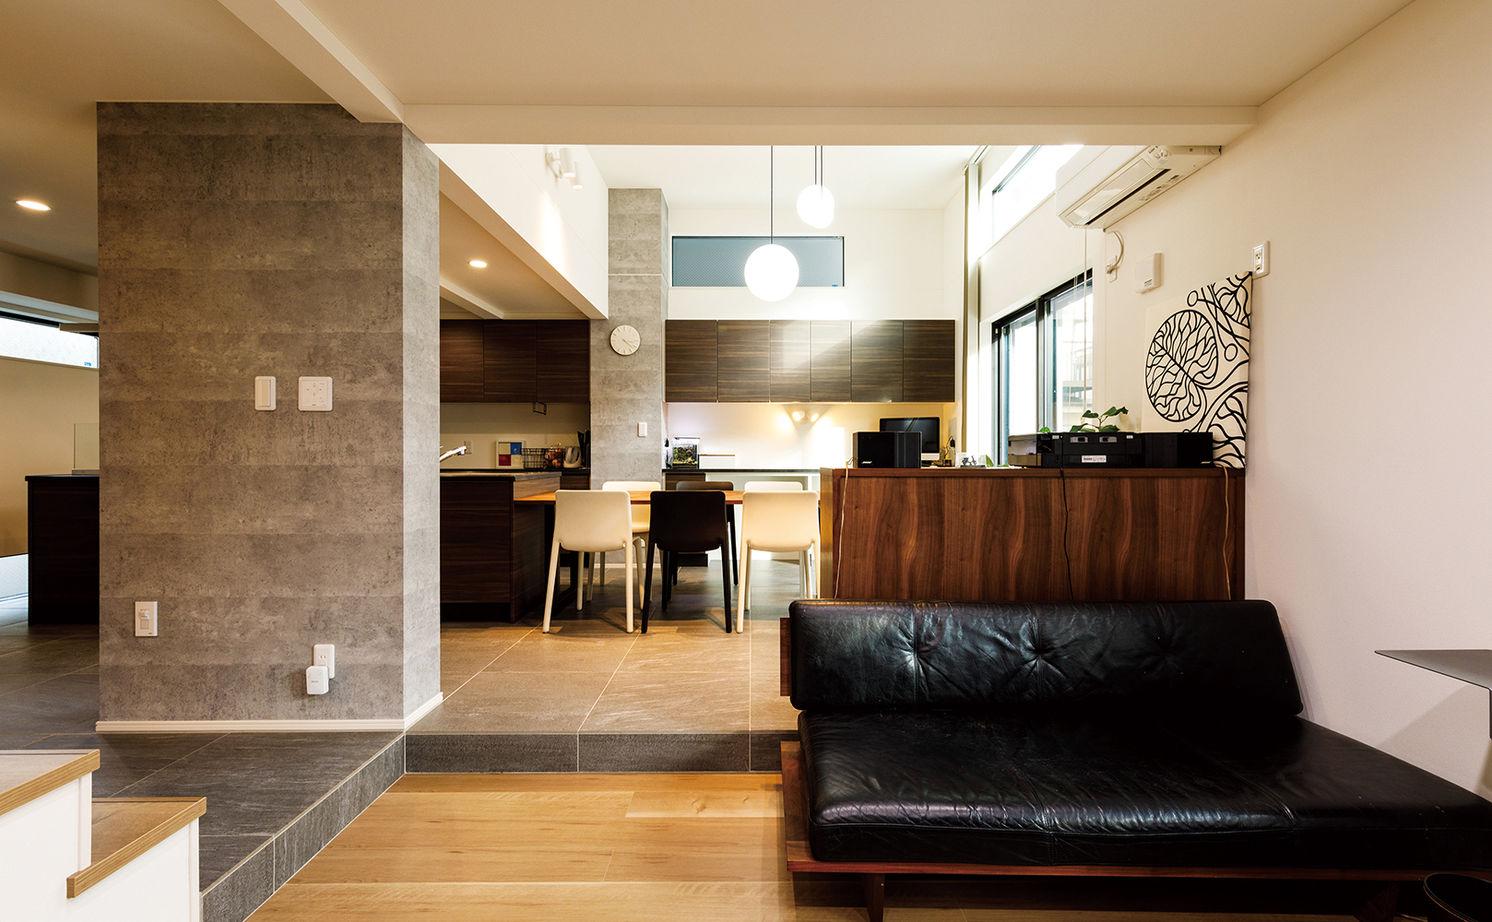 【3100万円】空間にメリハリを生む段差のある住まい。屋上や床下大収納も実現画像1